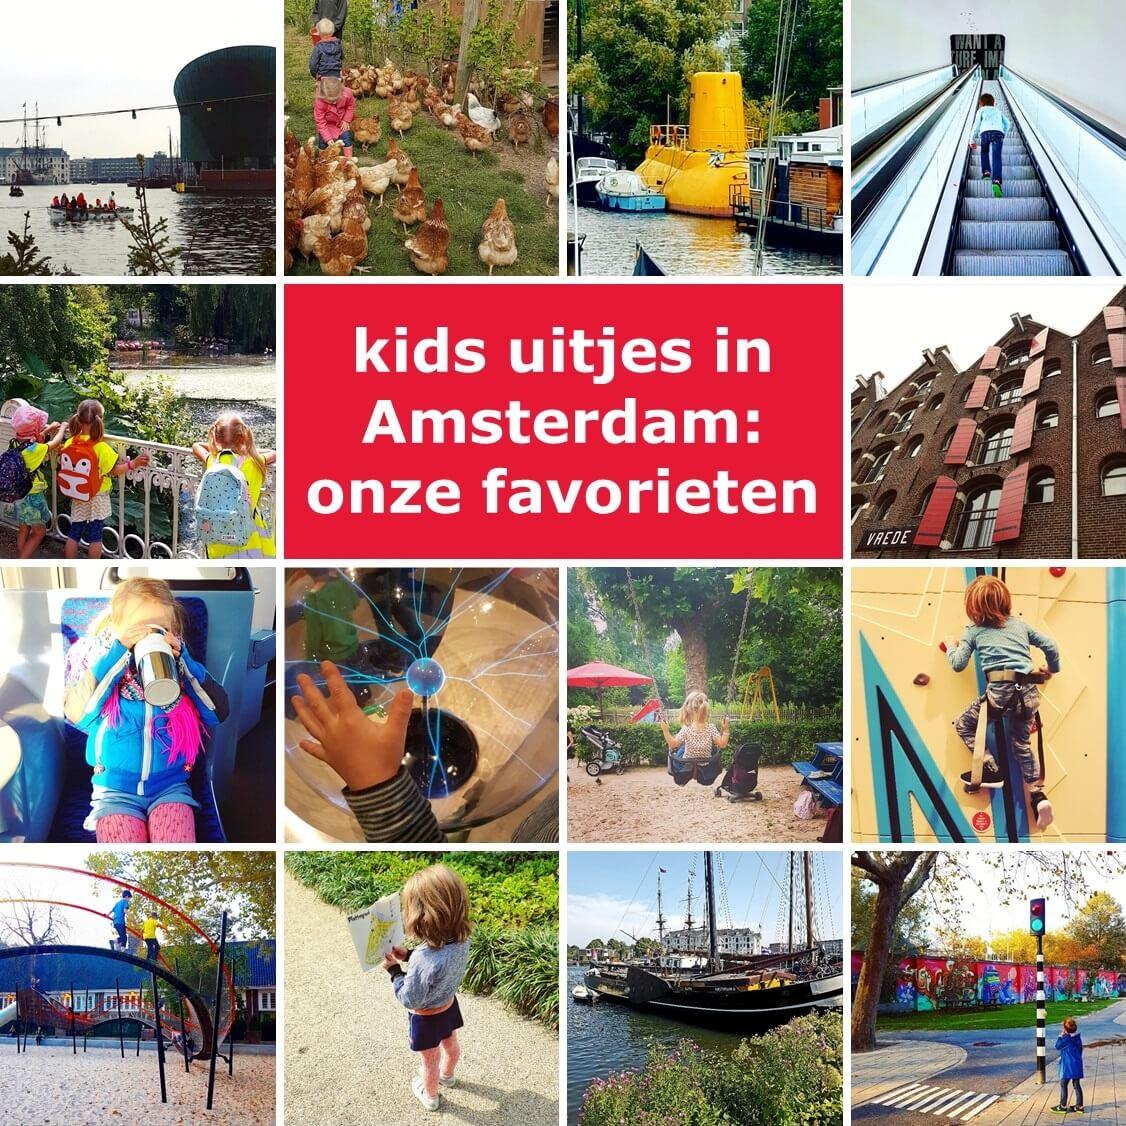 Uitjes in Amsterdam met kinderen: onze favorieten